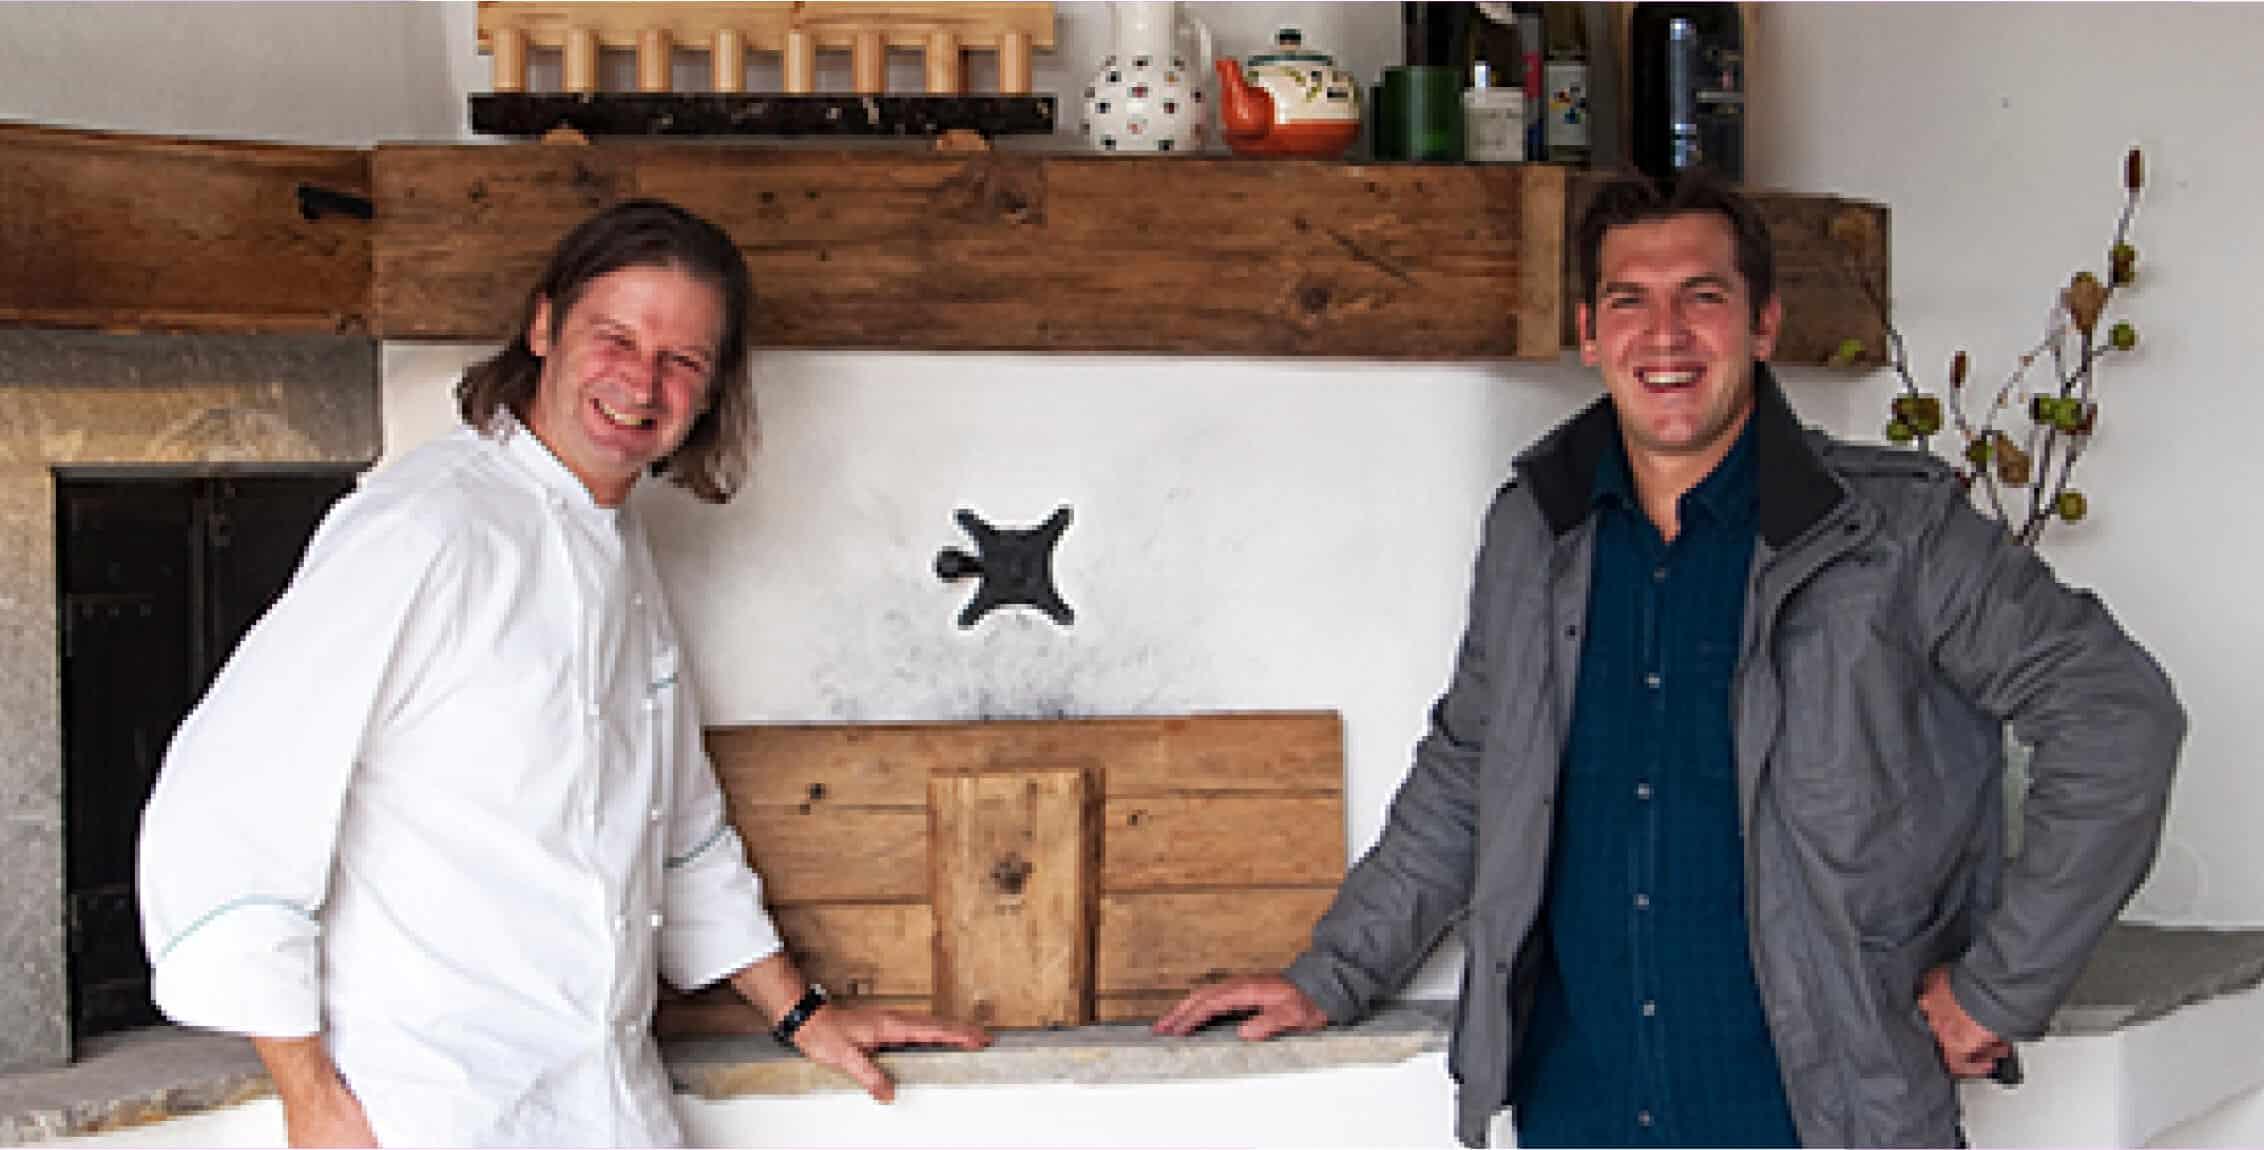 zwei Männer Stehen vor einem großen Holzbackofen